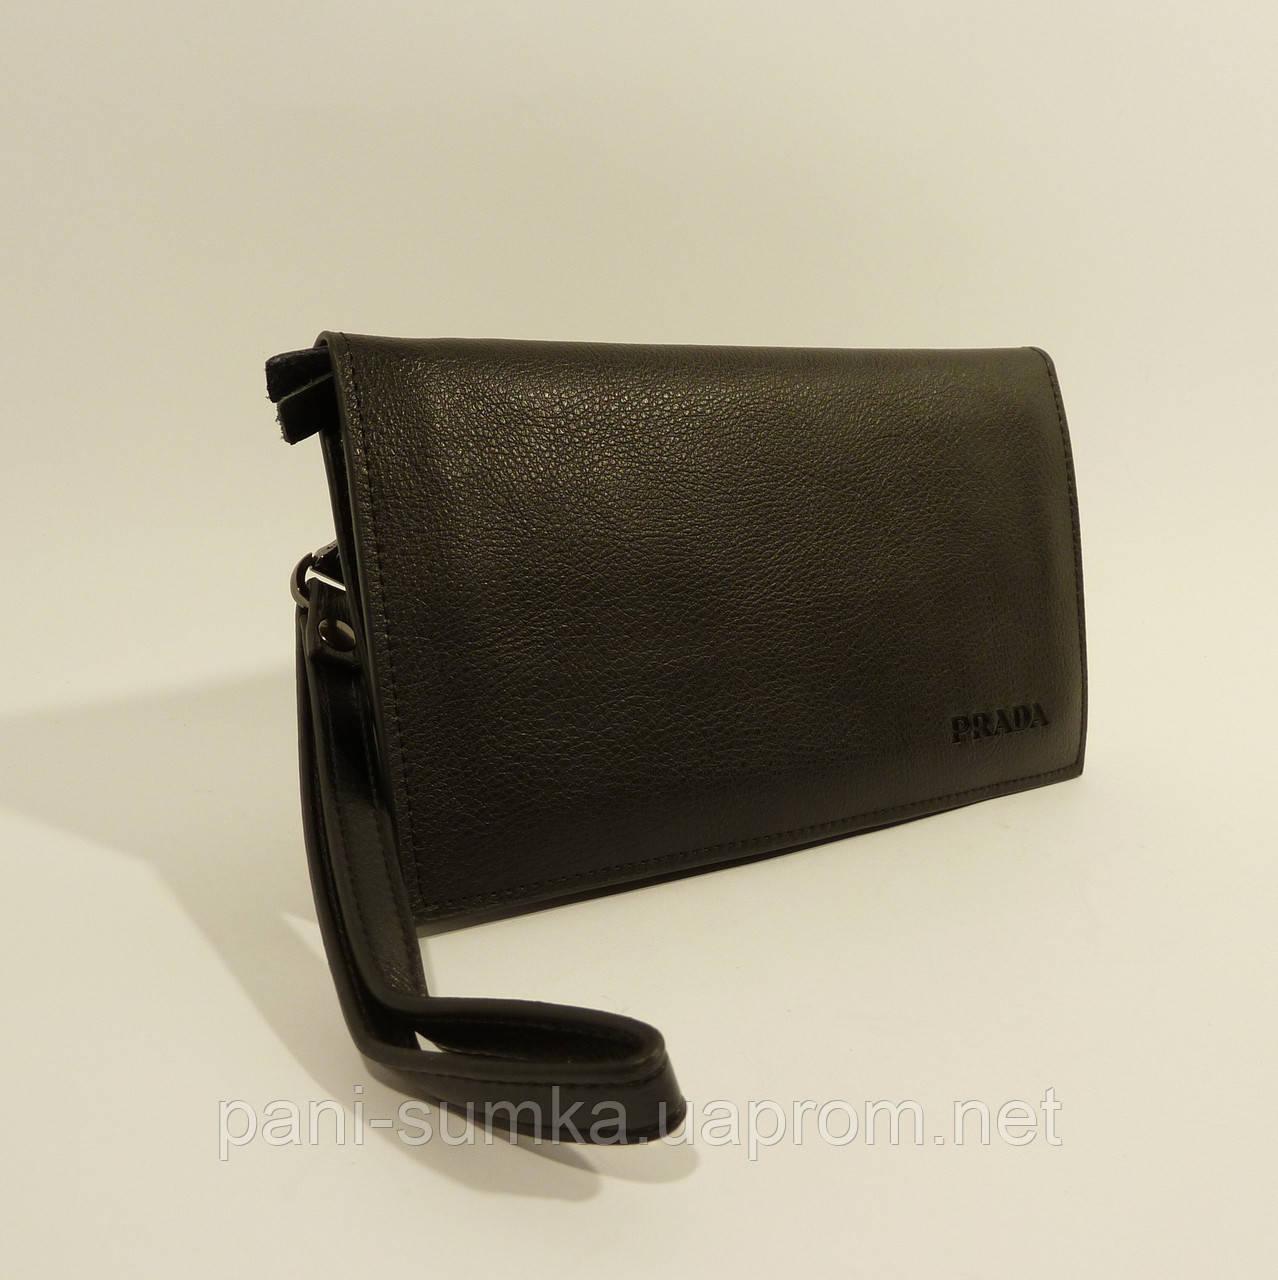 8ae622526af3 Мужской кожаный клатч, портмоне Prada черный, расцветки в наличии -  Интернет магазин